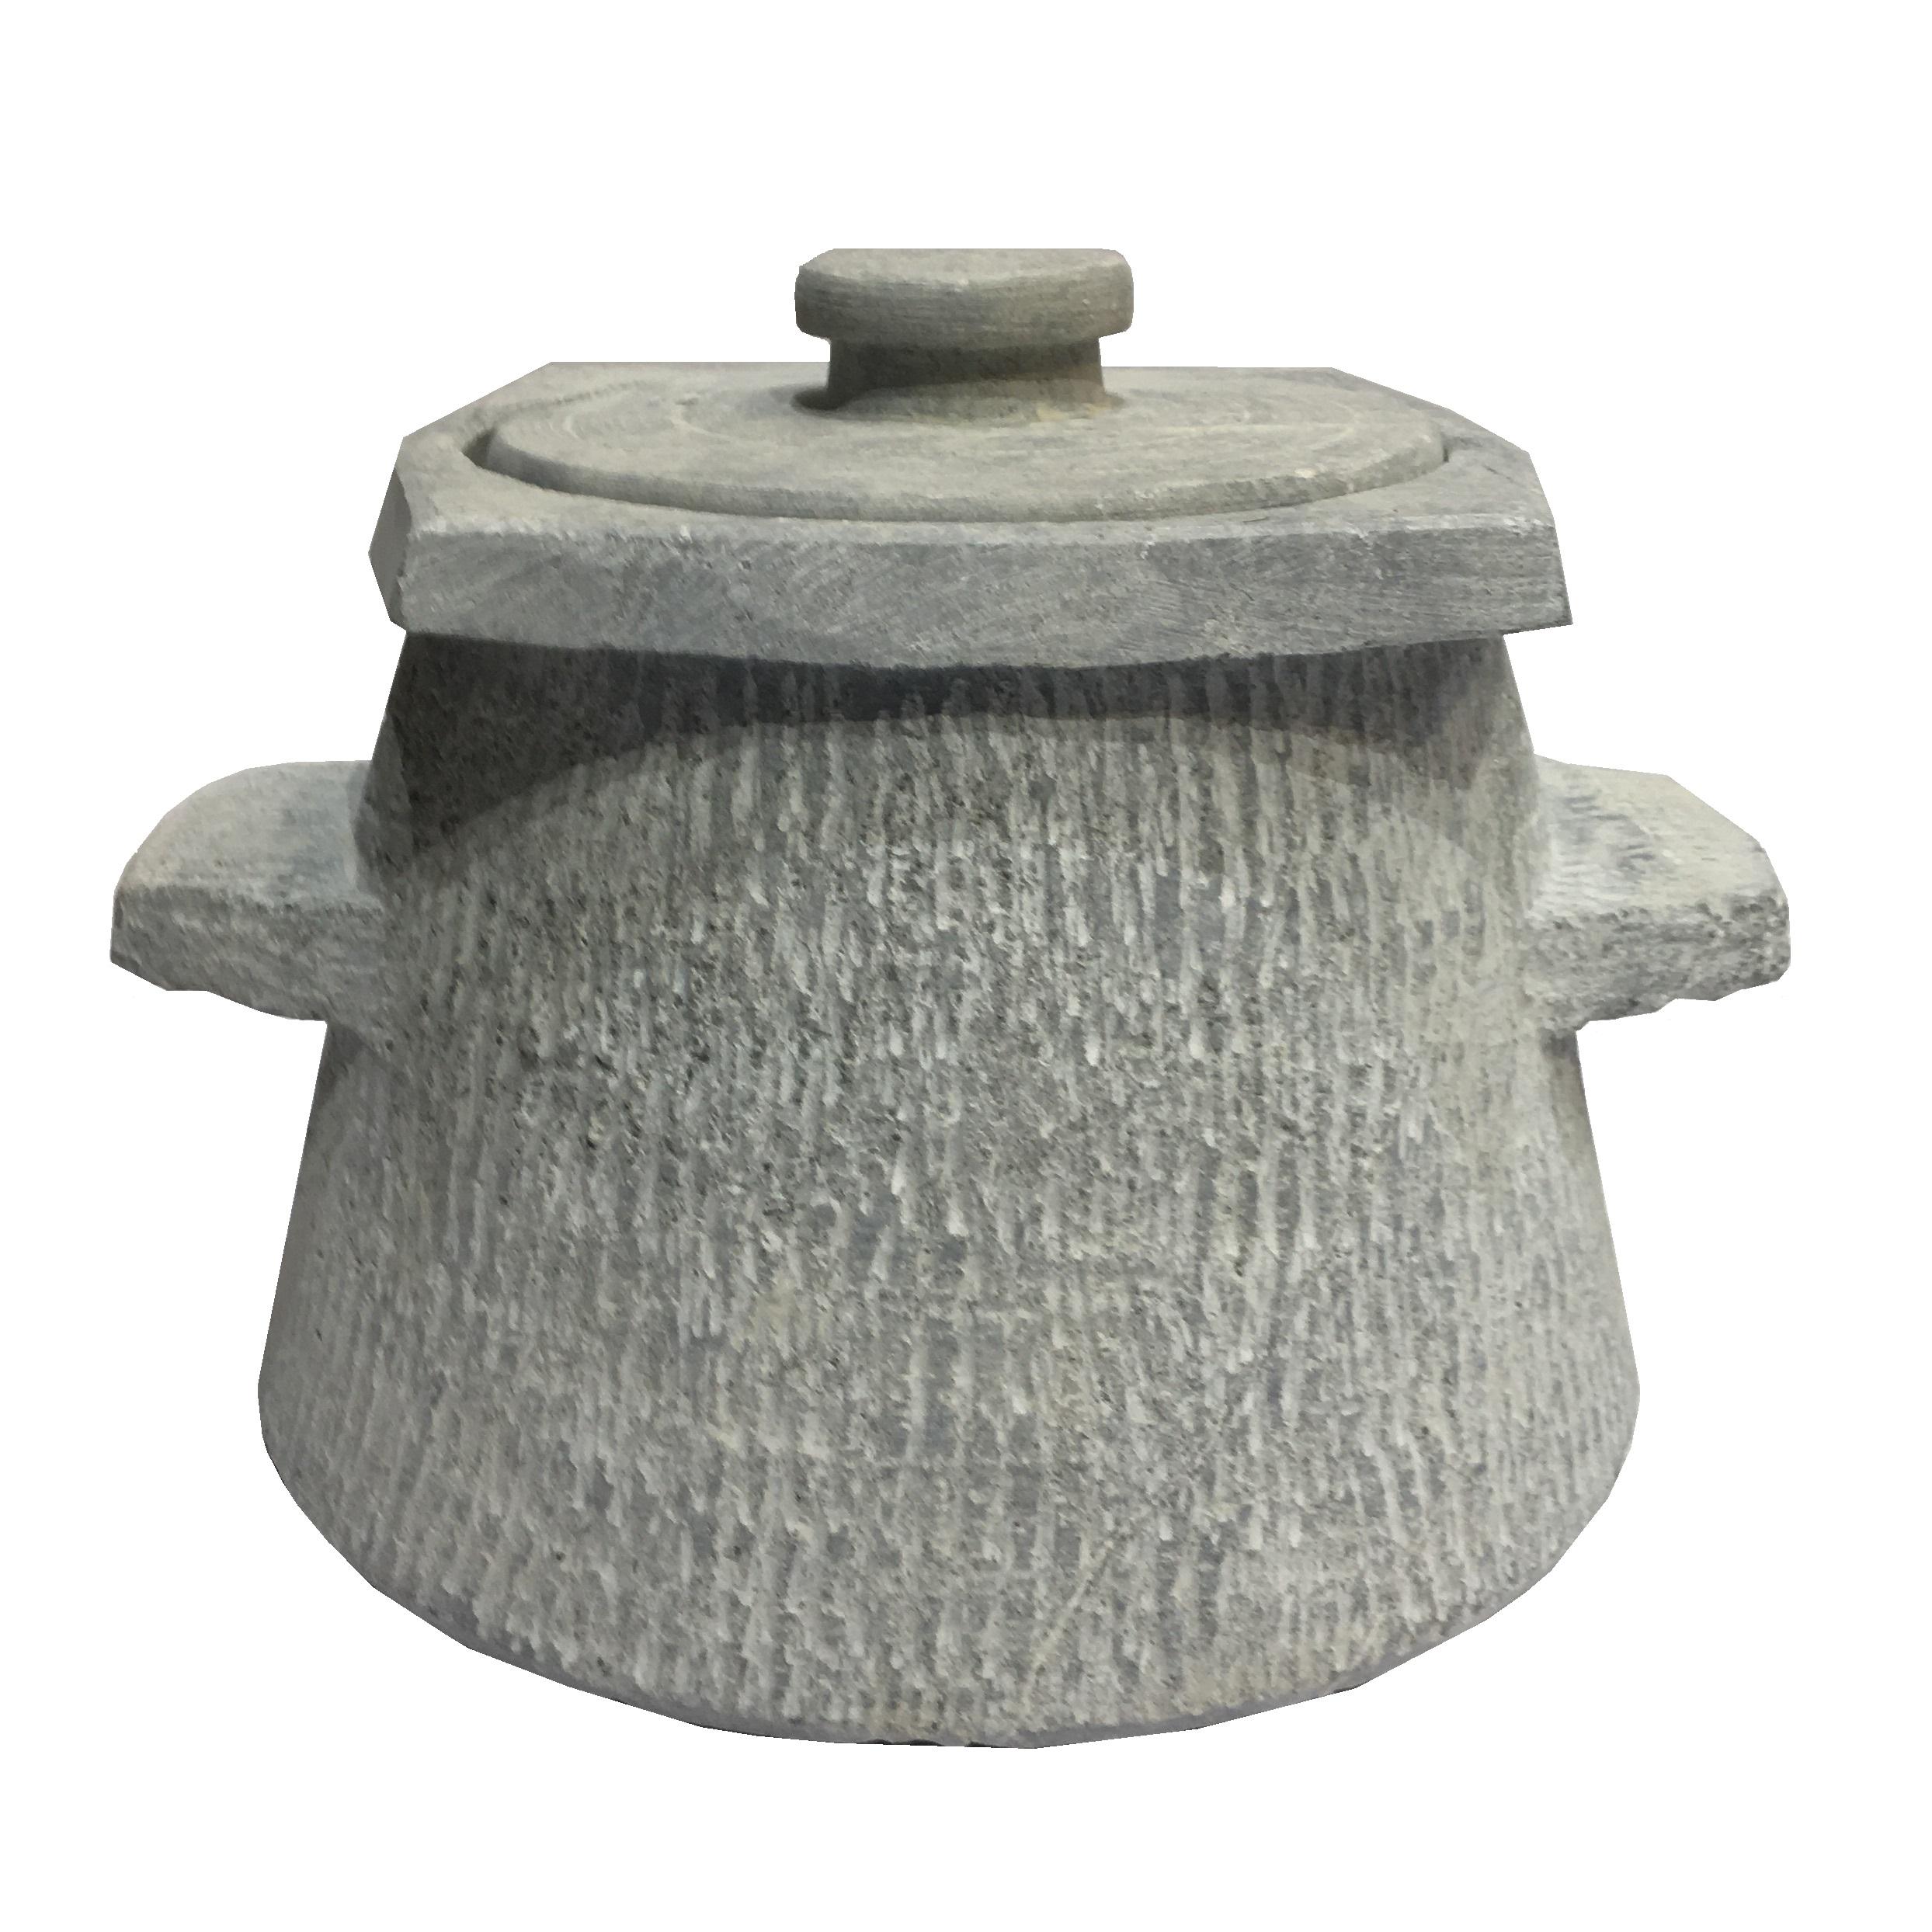 خرید                      ظرف دیزی سنگی مدل تیشه ای کد DZT 1212